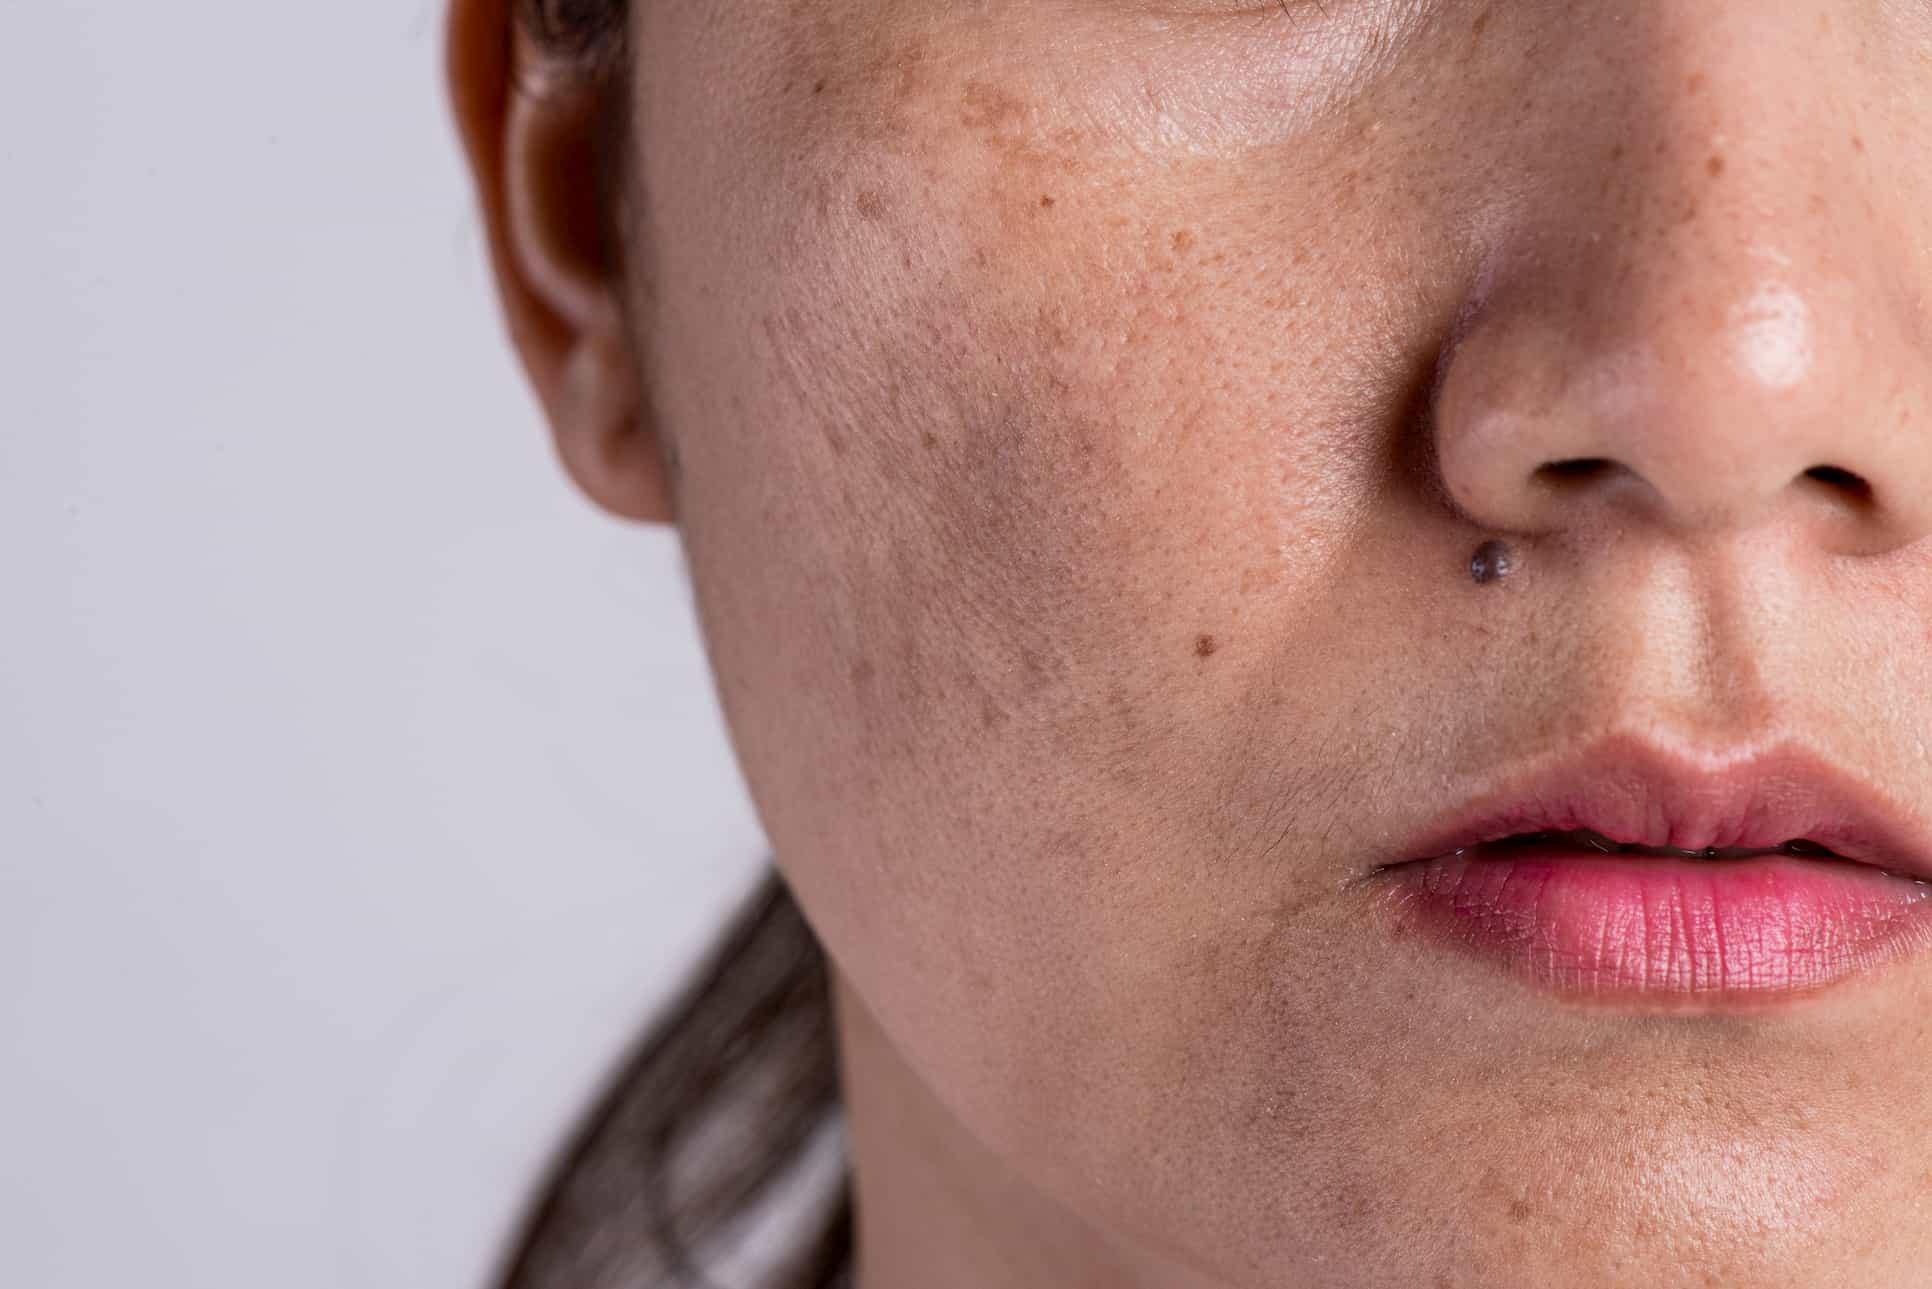 Як позбутися пігментації на обличчі?